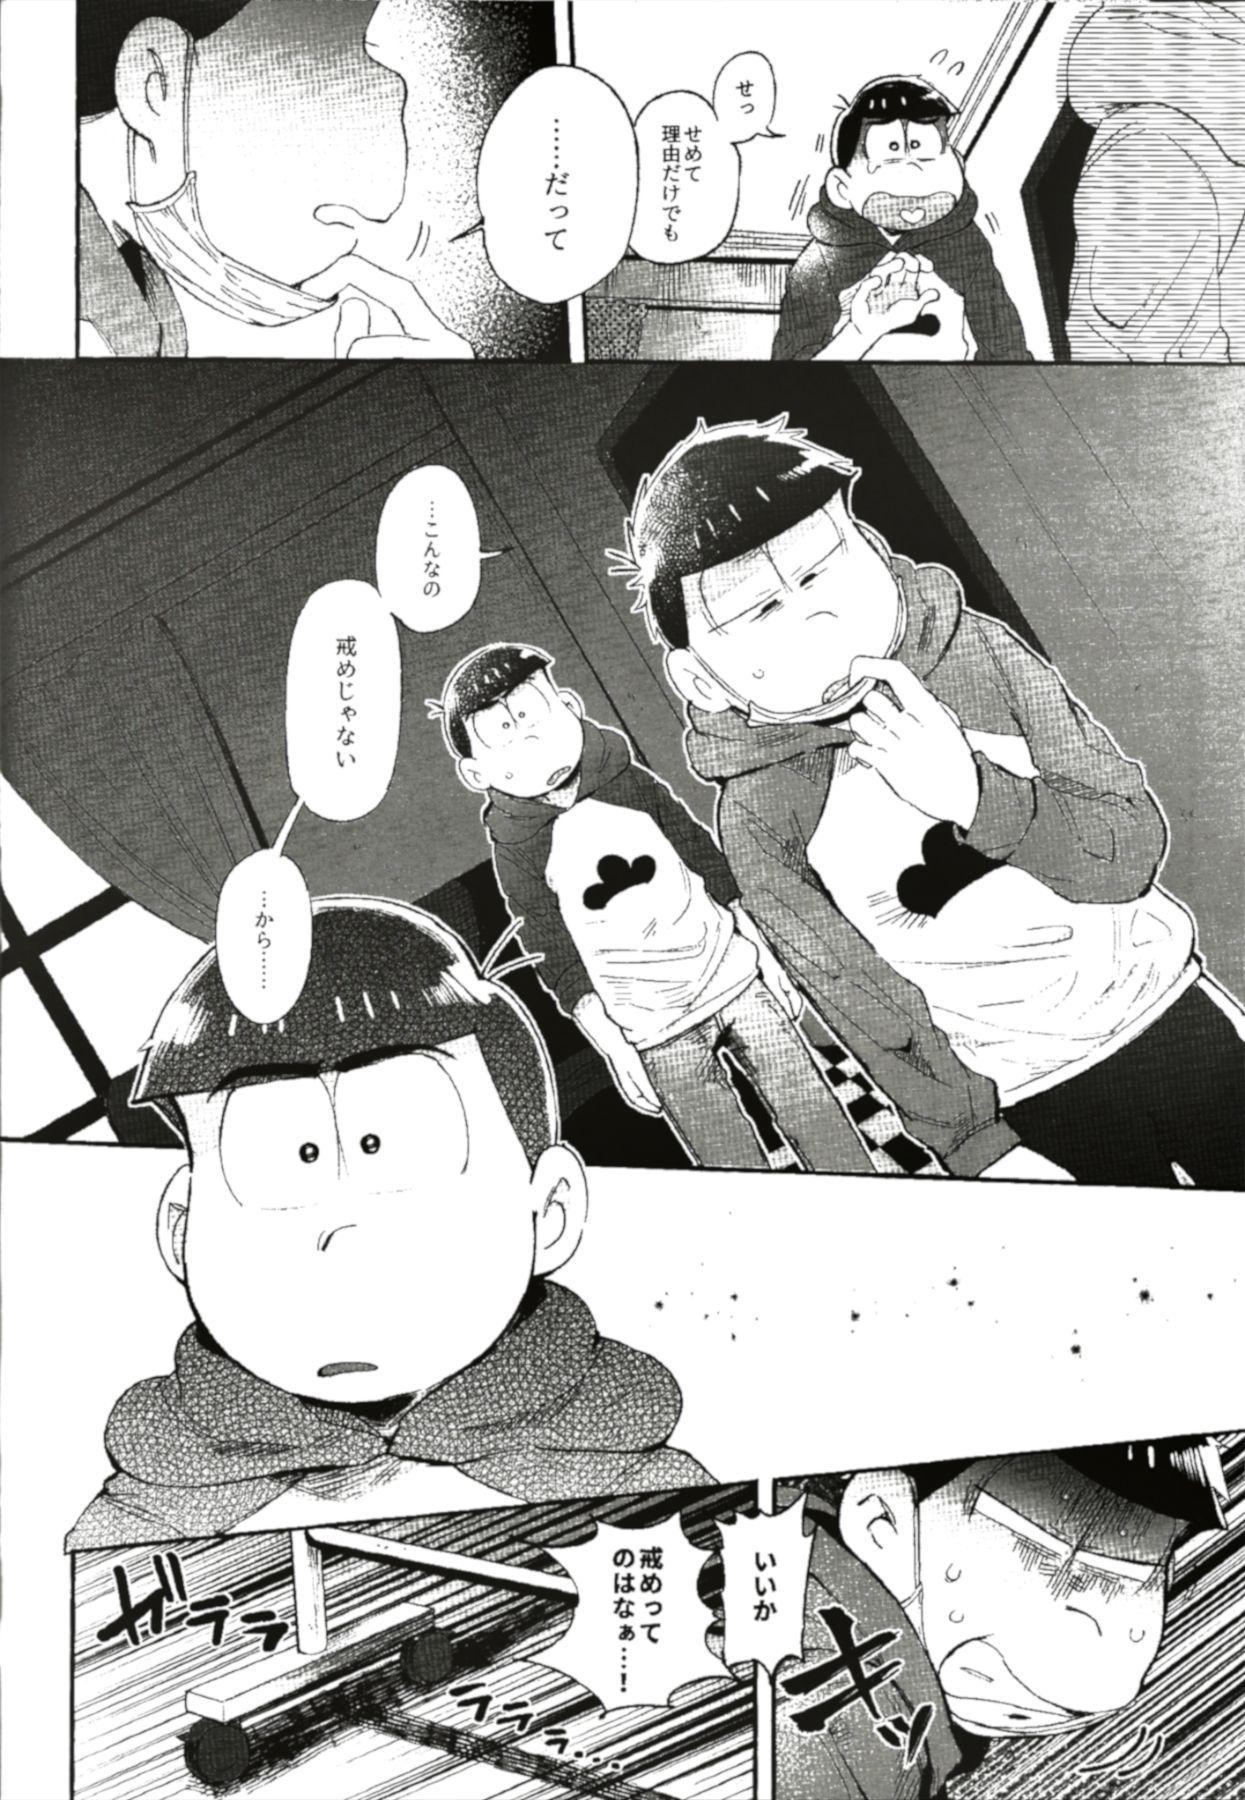 Kore ga Bokura no Imashime Riron 26